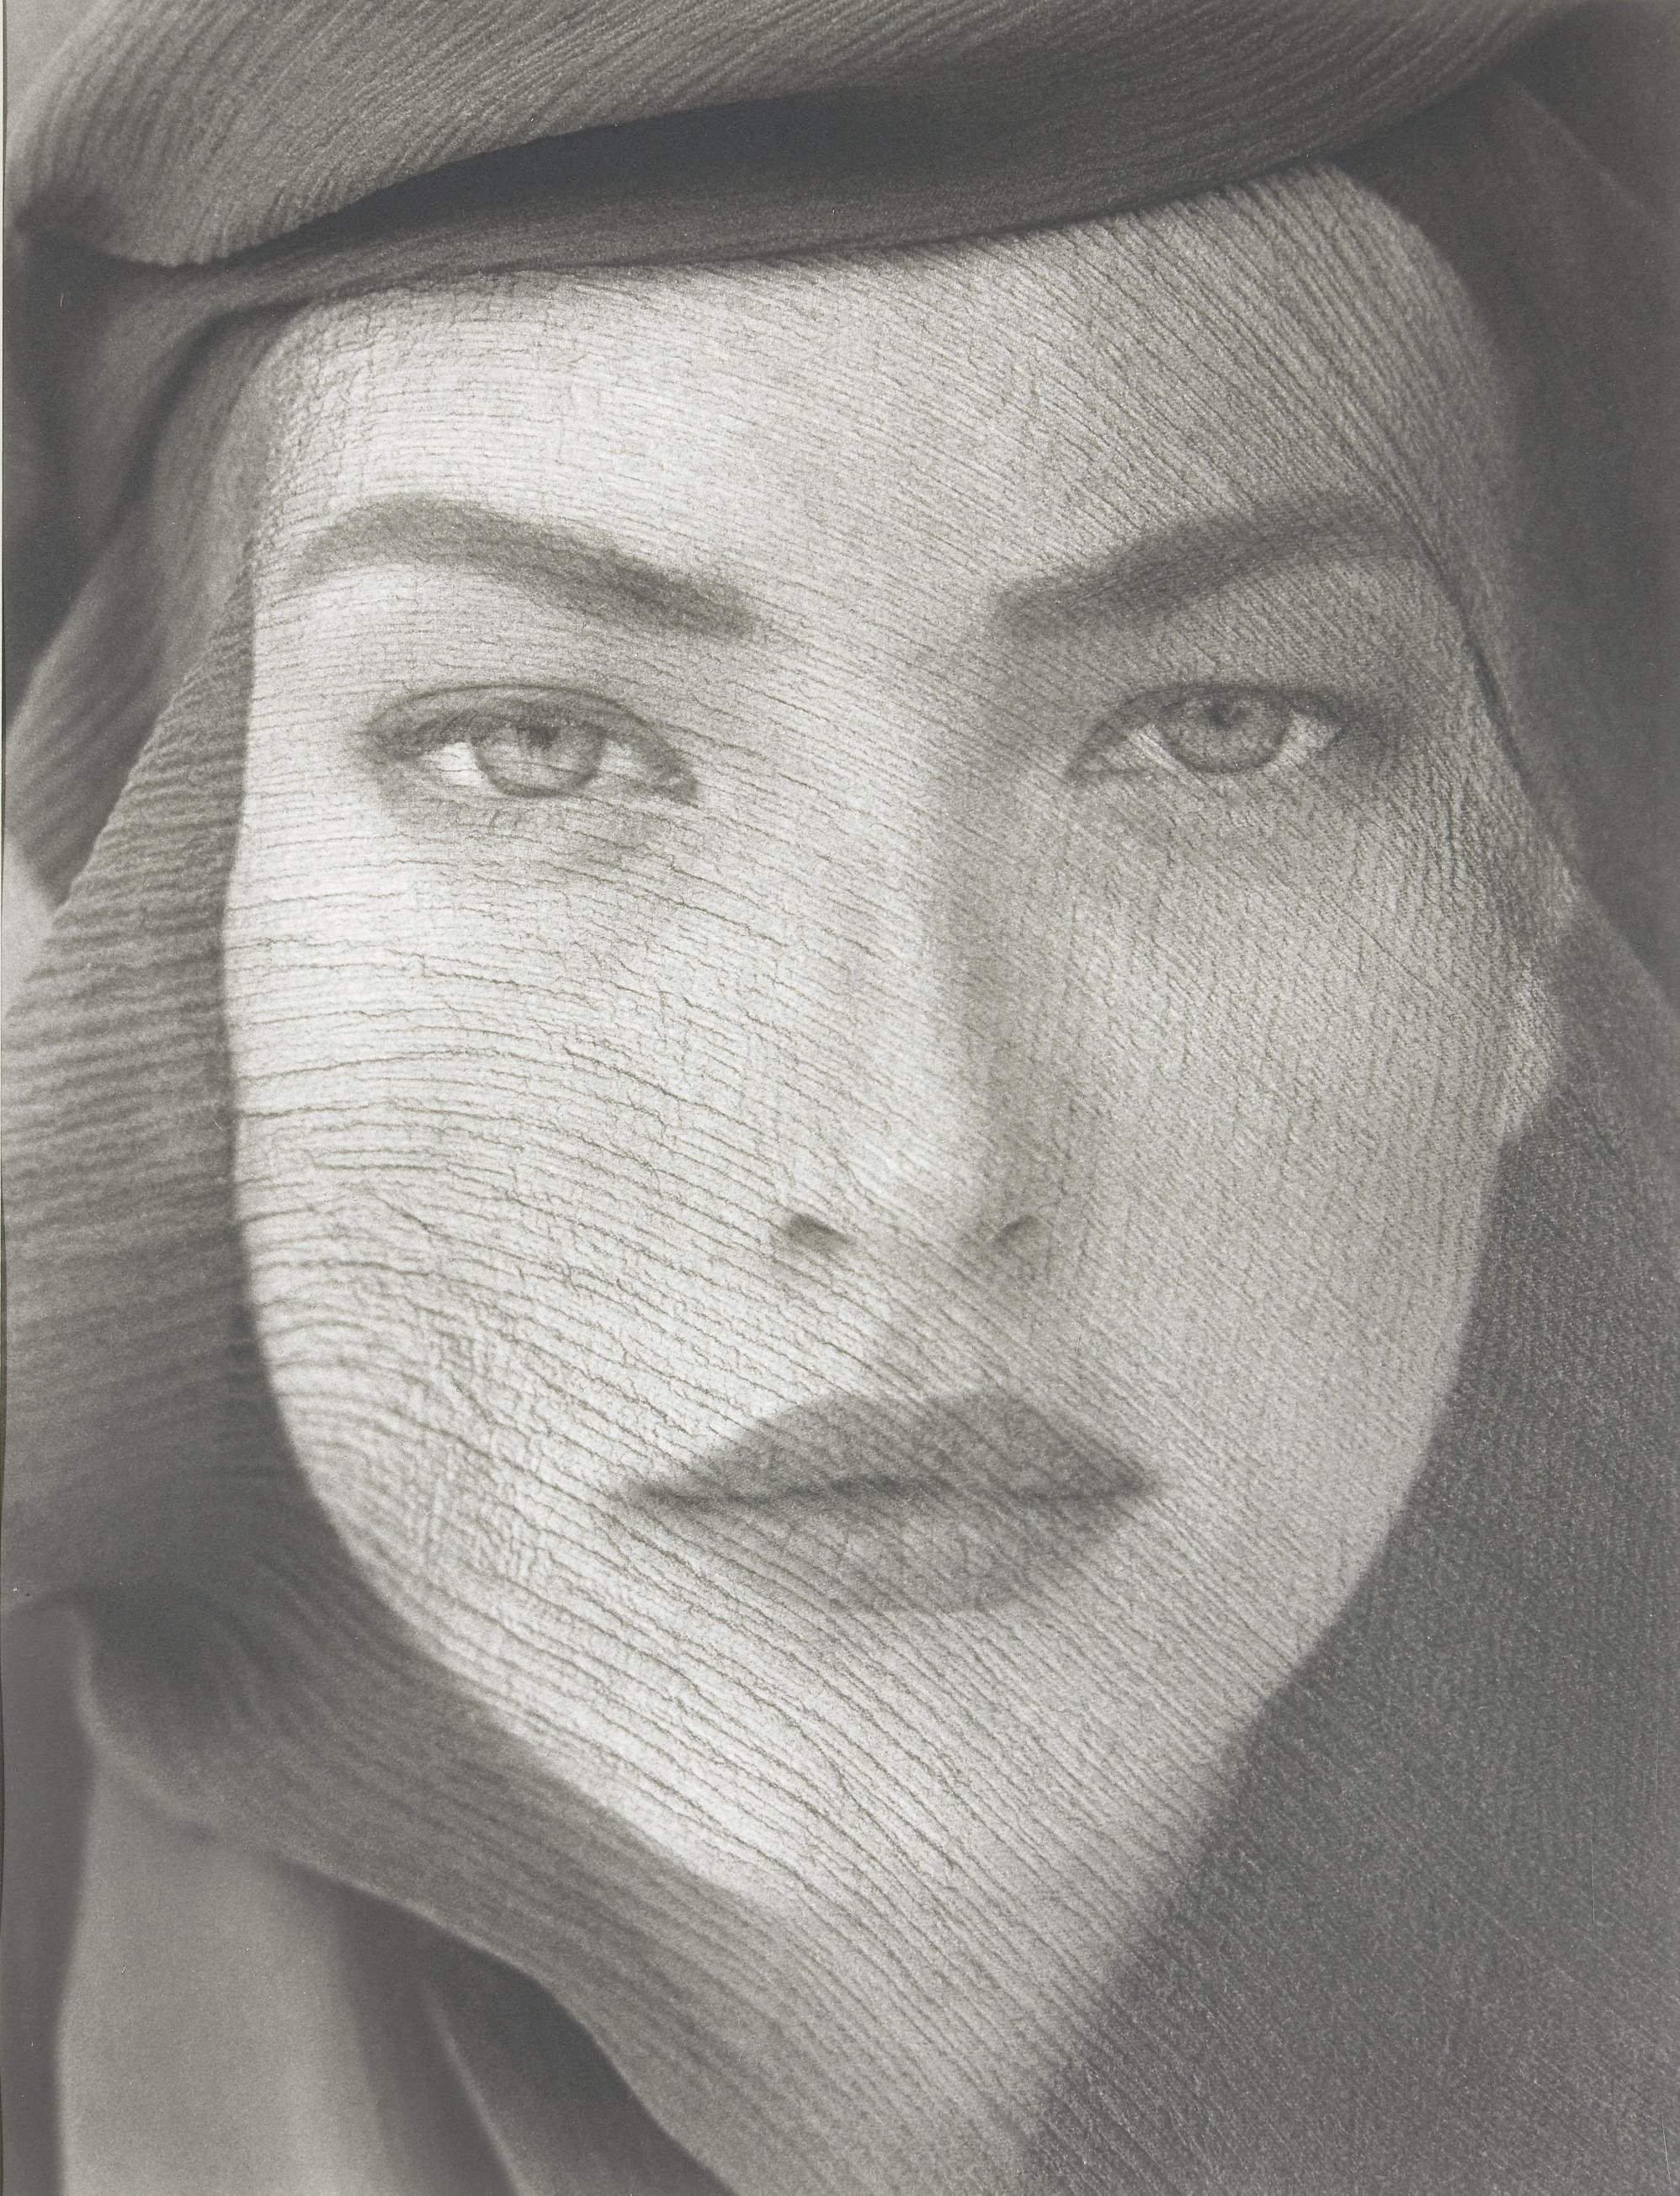 Tatjana Veiled Head, Tight View, Joshua Tree, 1988